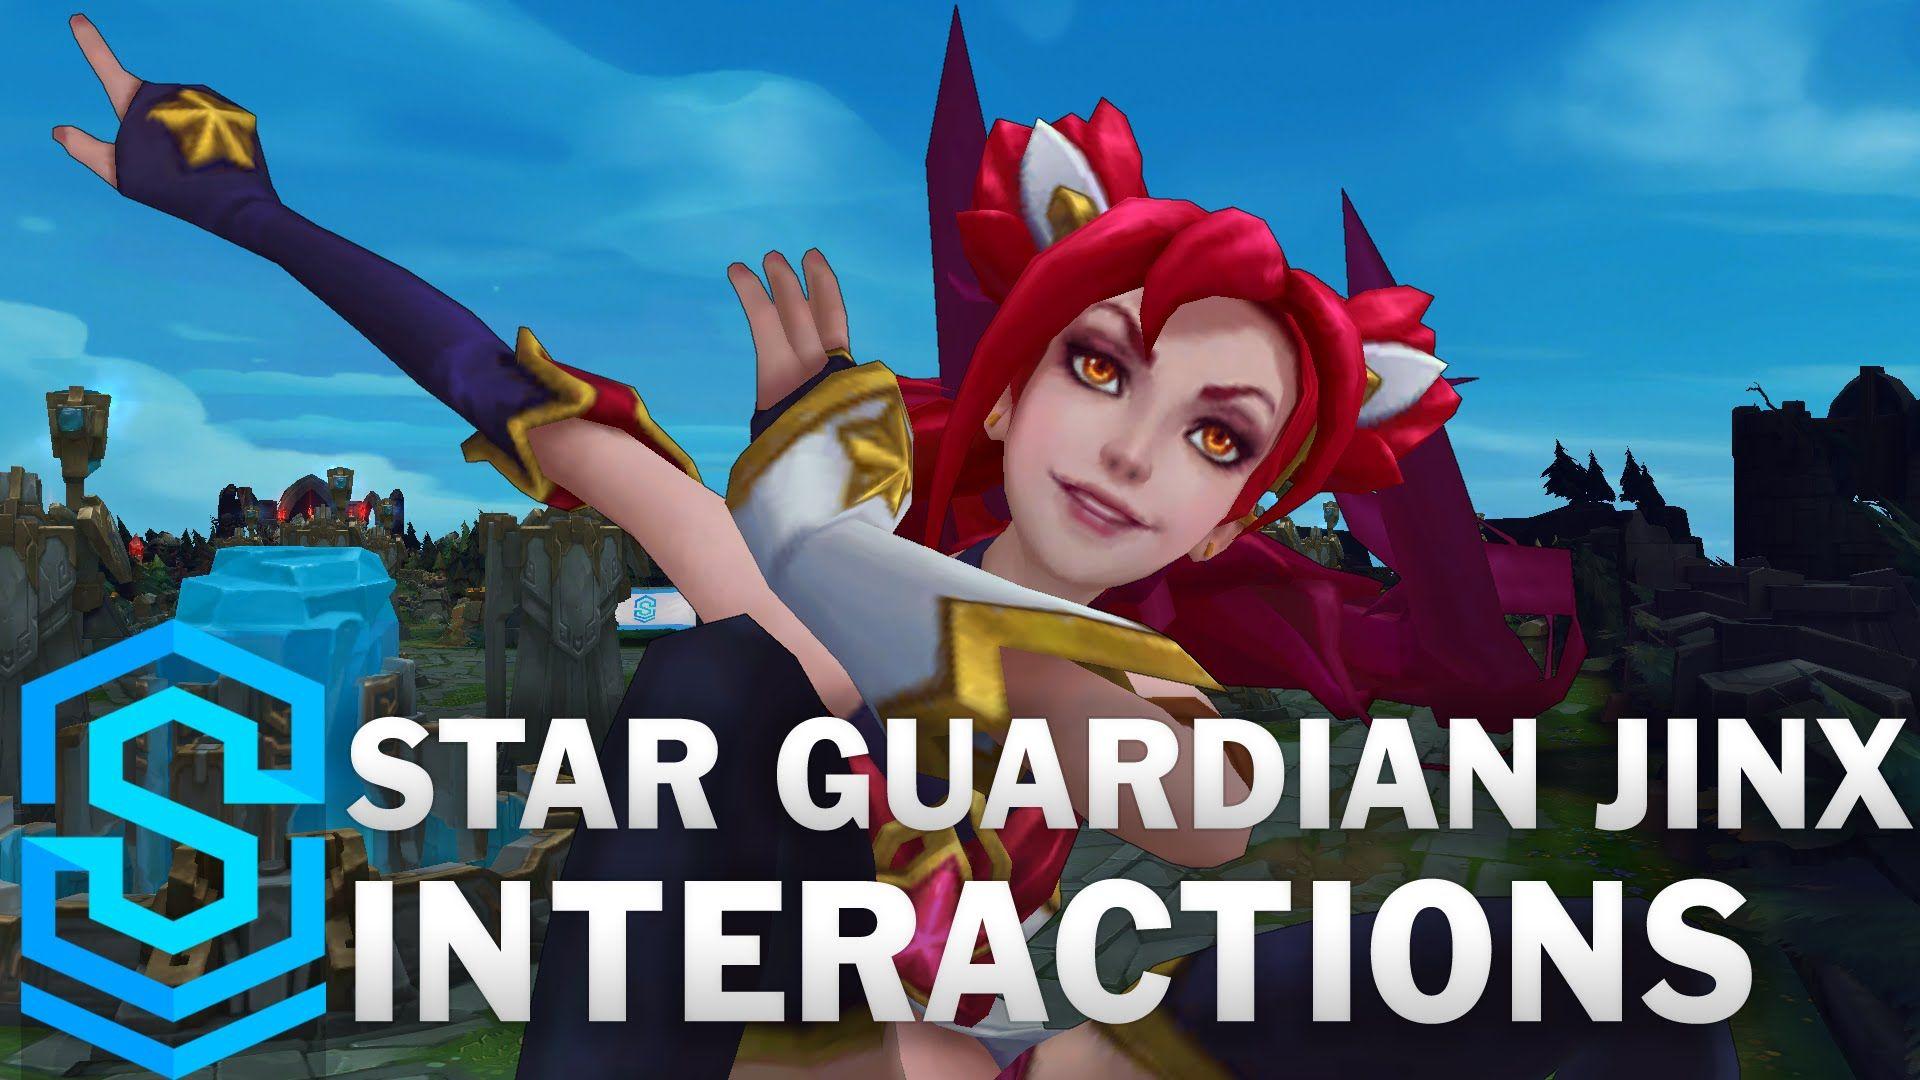 neeko special interactions